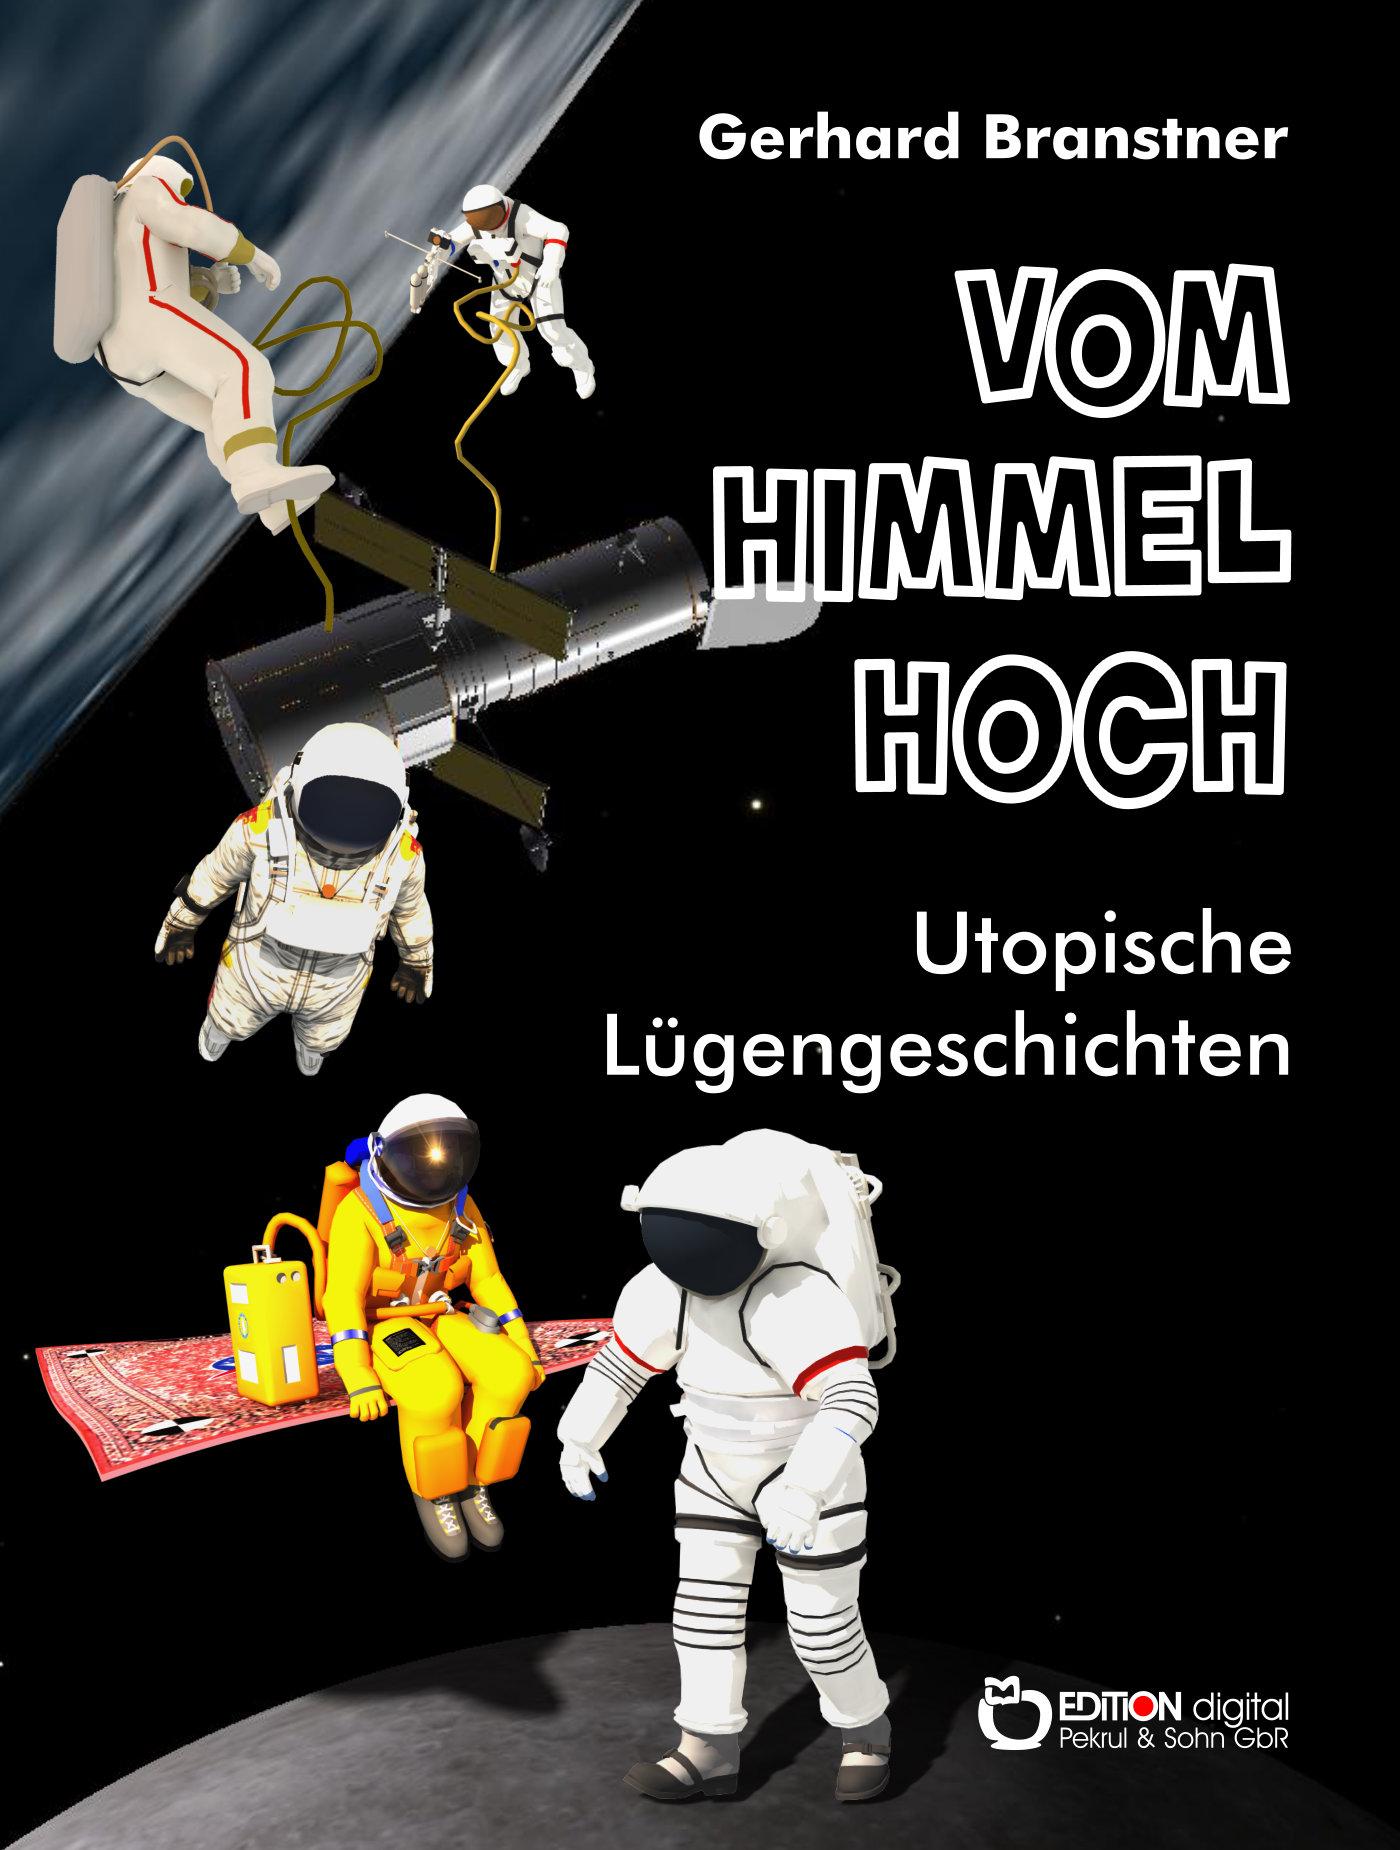 Vom Himmel hoch. Utopische Lügengeschichten von Gerhard Branstner